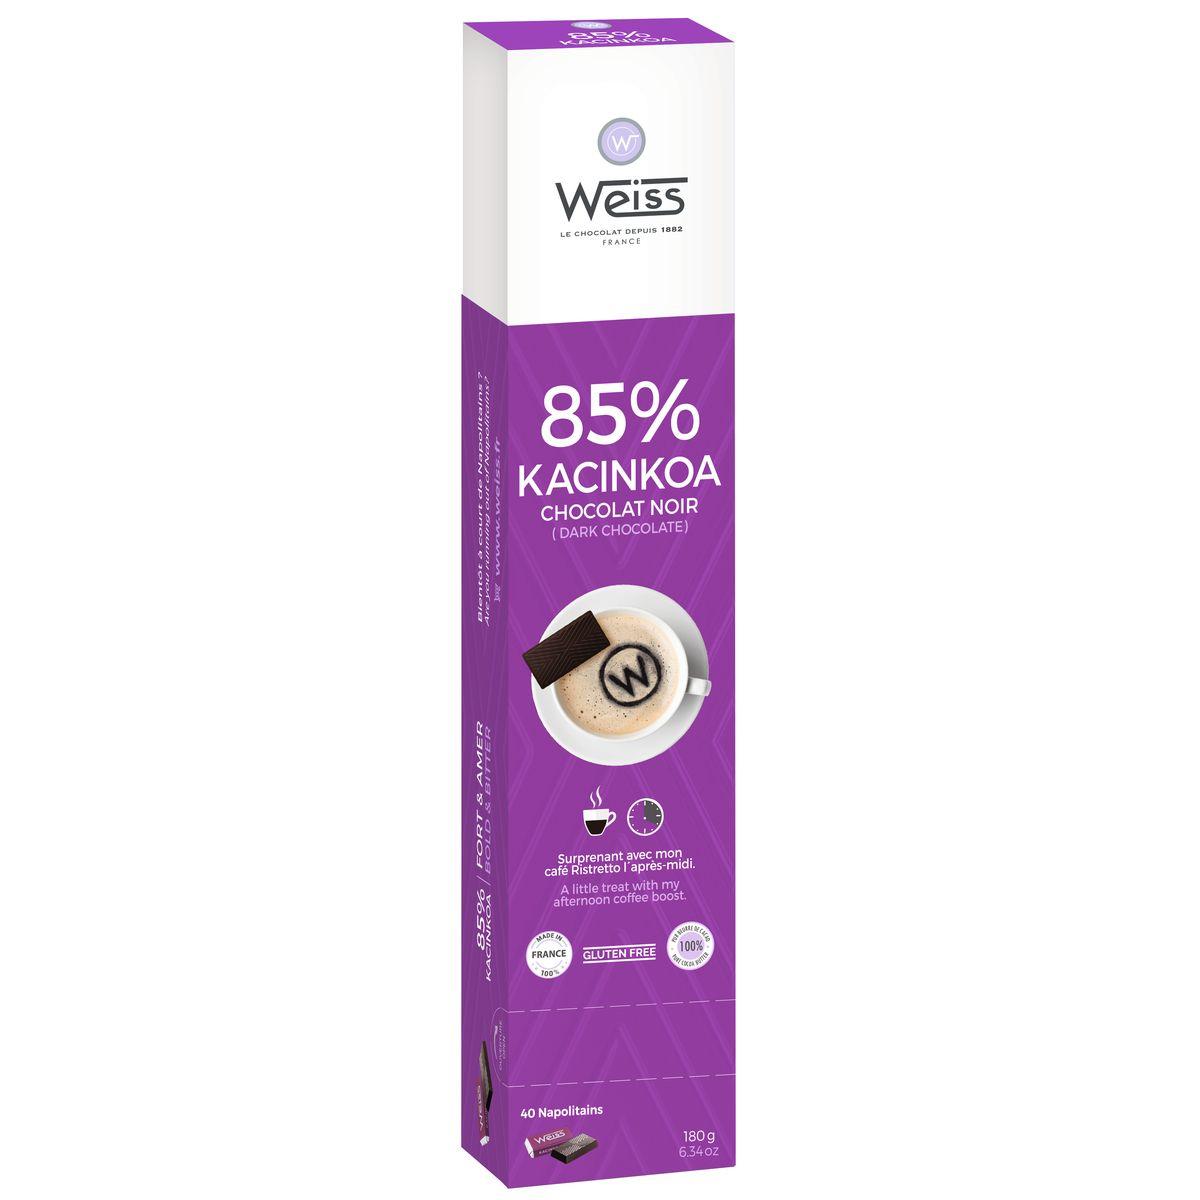 Kacinkoa réglette chocaf 180g - Weiss